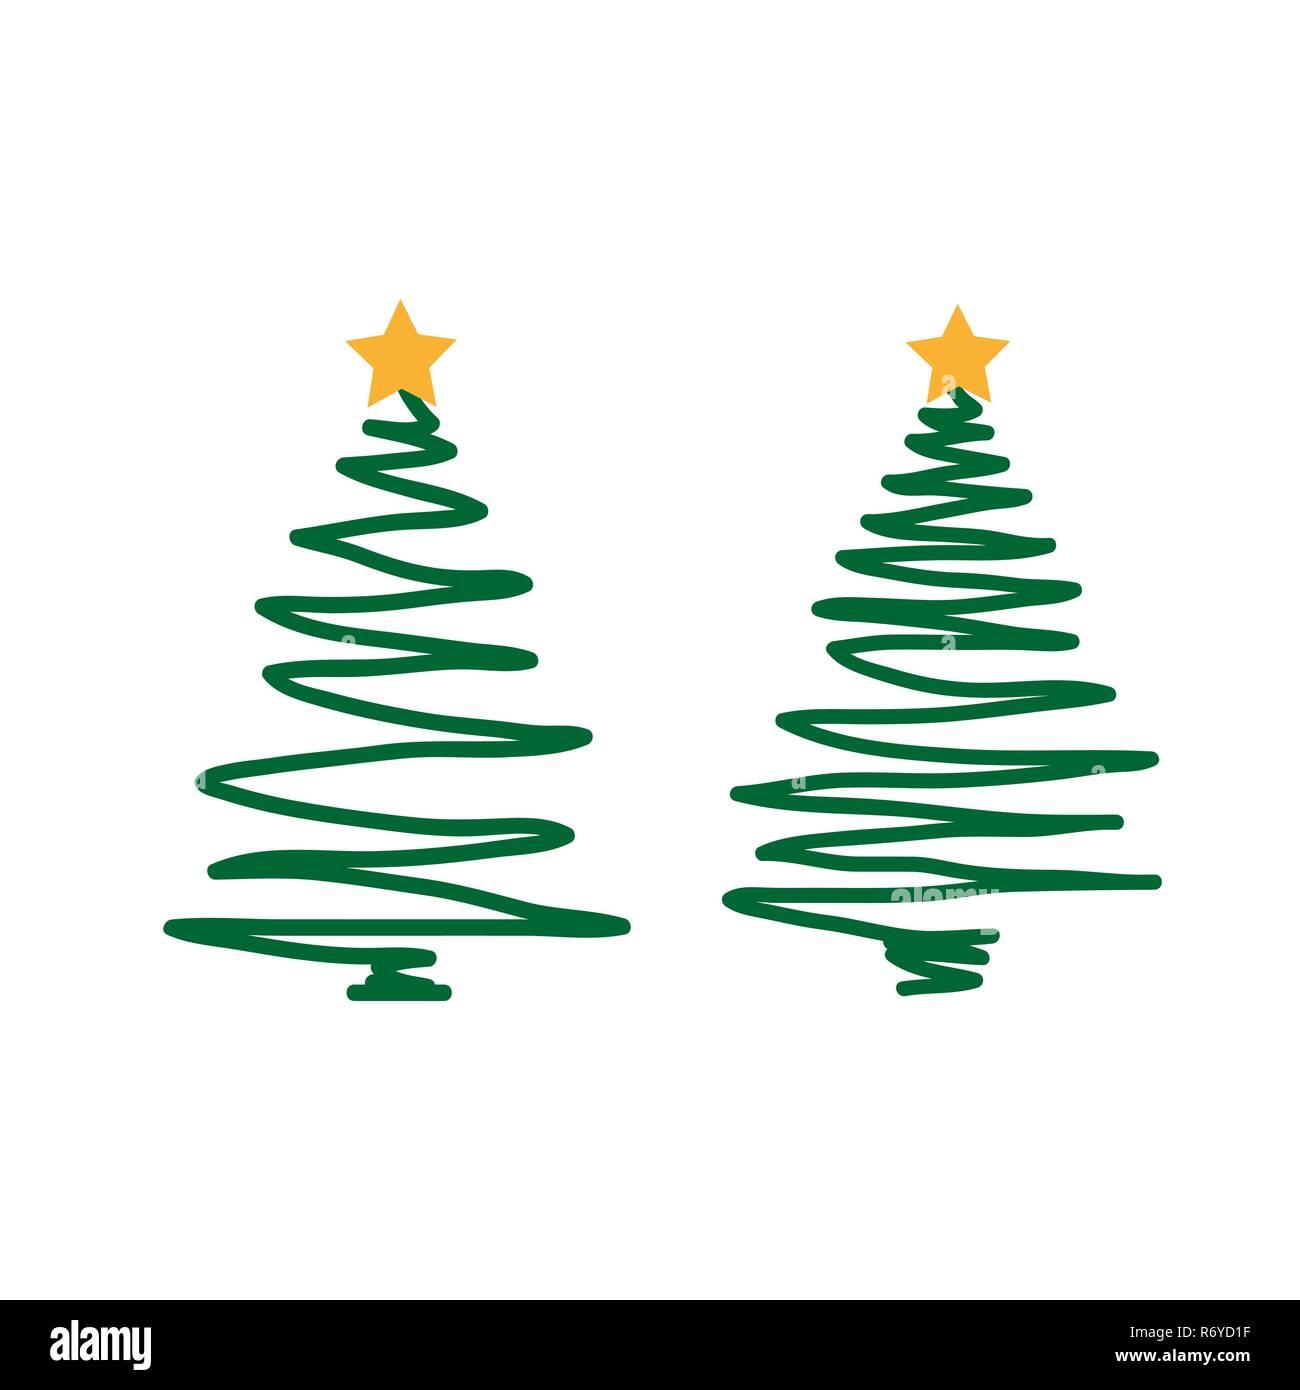 Weihnachtsbaum Gezeichnet.Hand Gezeichnet Weihnachtsbaum Auf Weißem Hintergrund Vektor